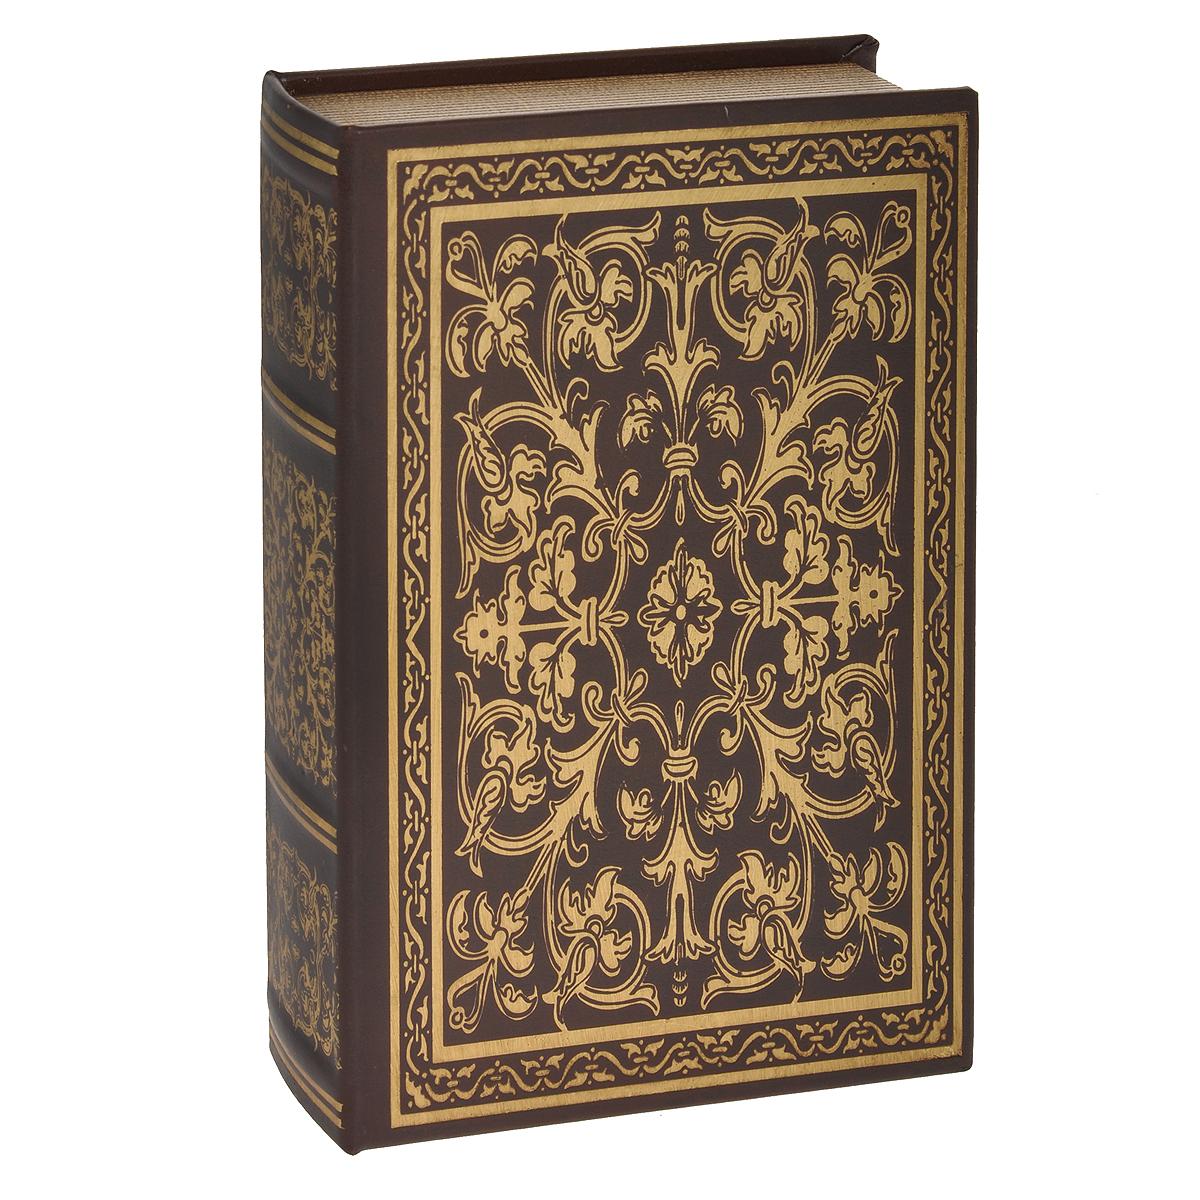 Шкатулка-фолиант Книга Соломона, цвет: коричневый, 21 см х 12 см х 4,5 см. 184159184159Шкатулка-фолиант Книга Соломона выполнена в виде старинной книги. Оригинальное оформление шкатулки, несомненно, привлечет к себе внимание. Поверхность шкатулки-фолианта выполнена из кожзаменителя и оформлена золотистым тиснением. Внутри шкатулка отделана кожзаменителем. Такая шкатулка может использоваться для хранения бижутерии, в качестве украшения интерьера, а также послужит хорошим подарком для человека, ценящего практичные и оригинальные вещицы. Характеристики: Материал: кожзаменитель, МДФ. Размер шкатулки: 21 см х 12 см х 4,5 см. Цвет: коричневый.